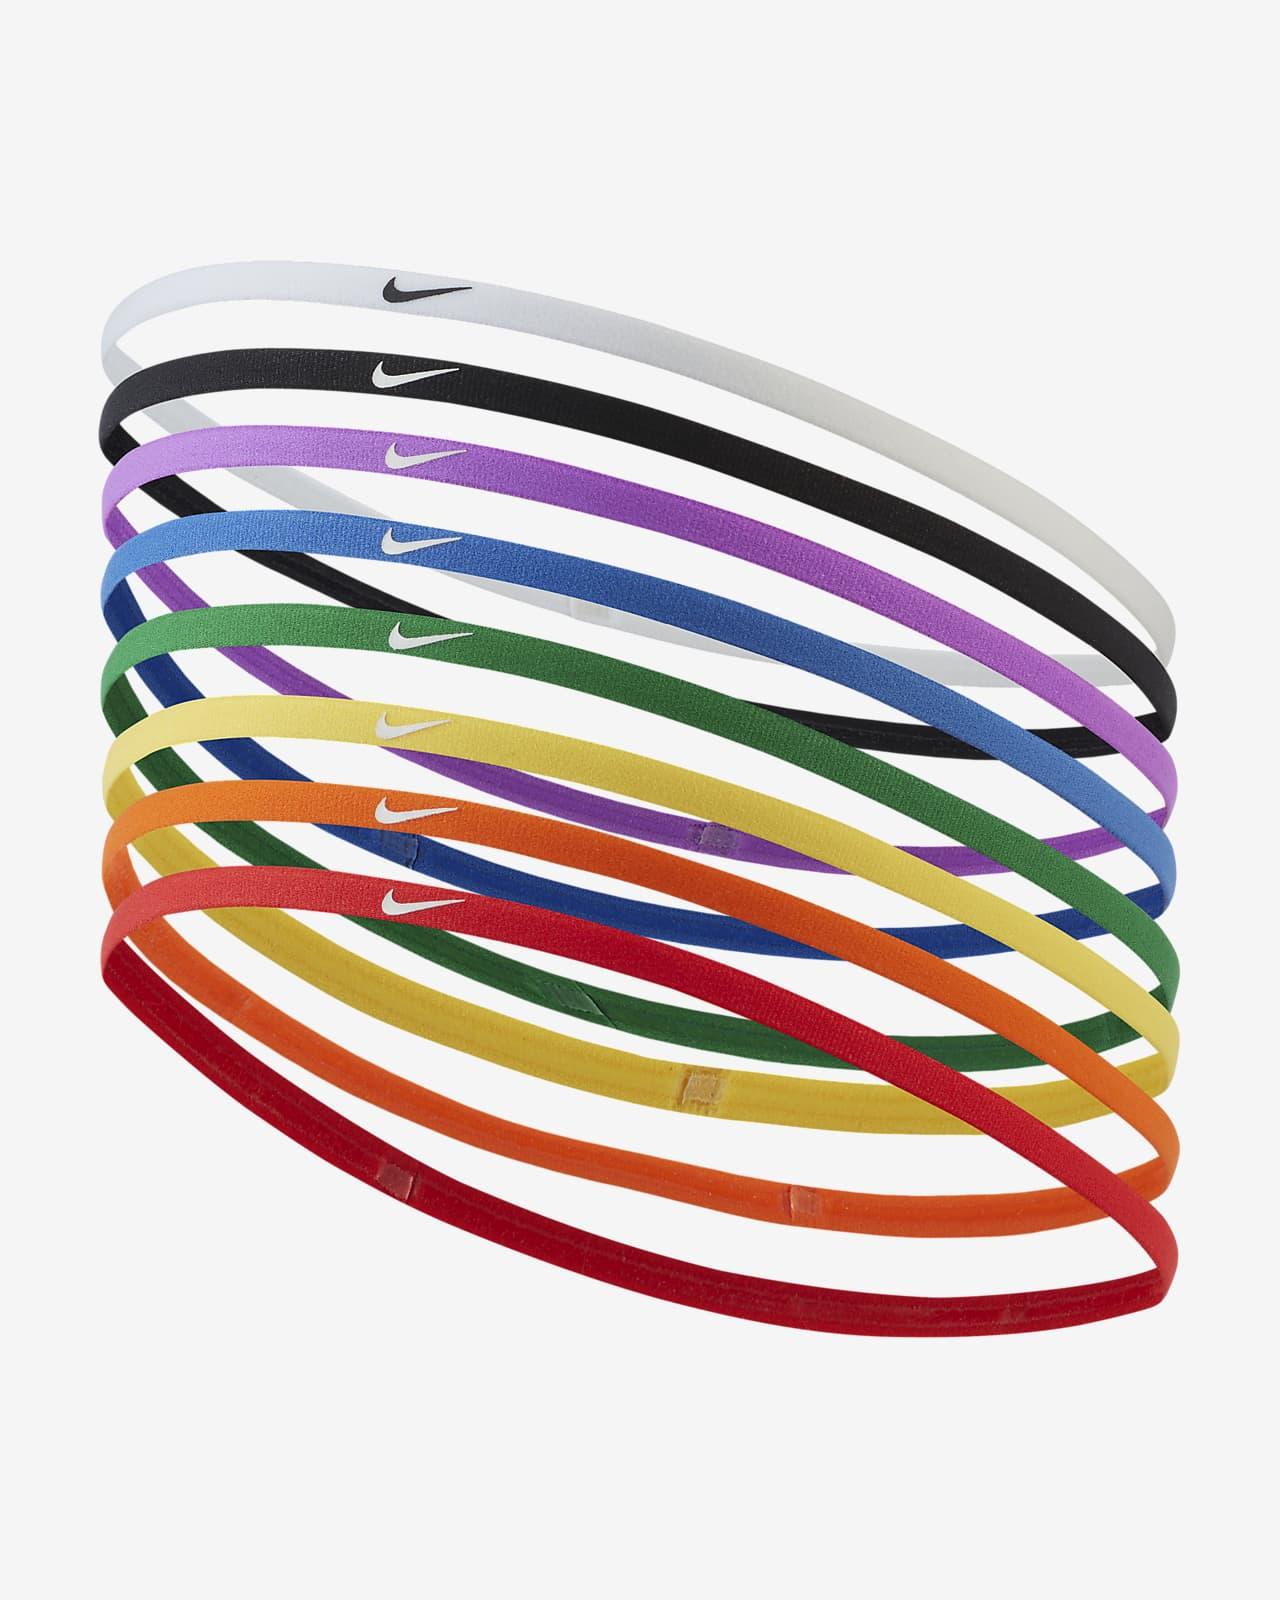 Nike Skinny Haarbänder (8er-Pack)